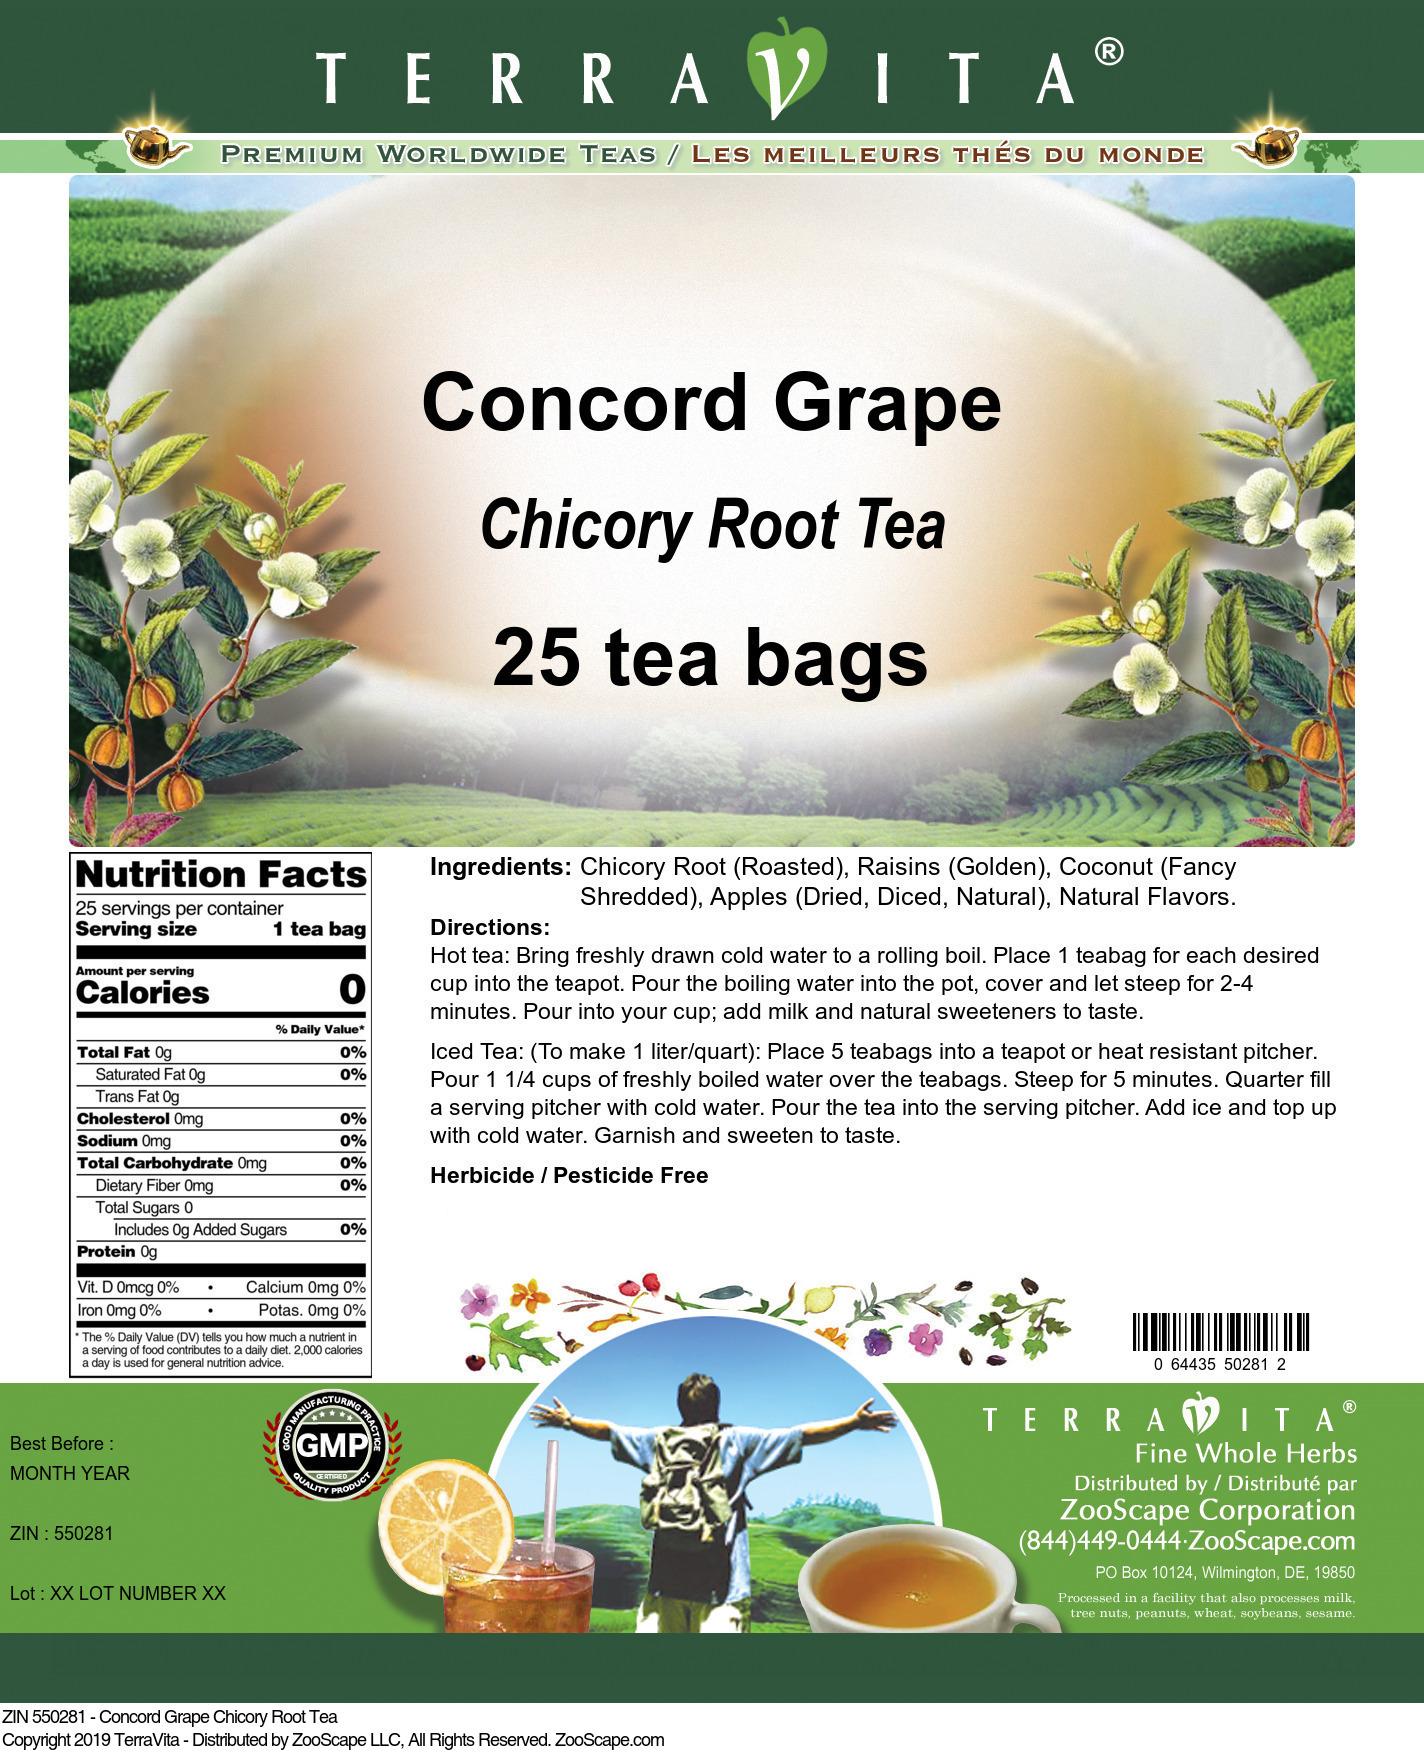 Concord Grape Chicory Root Tea